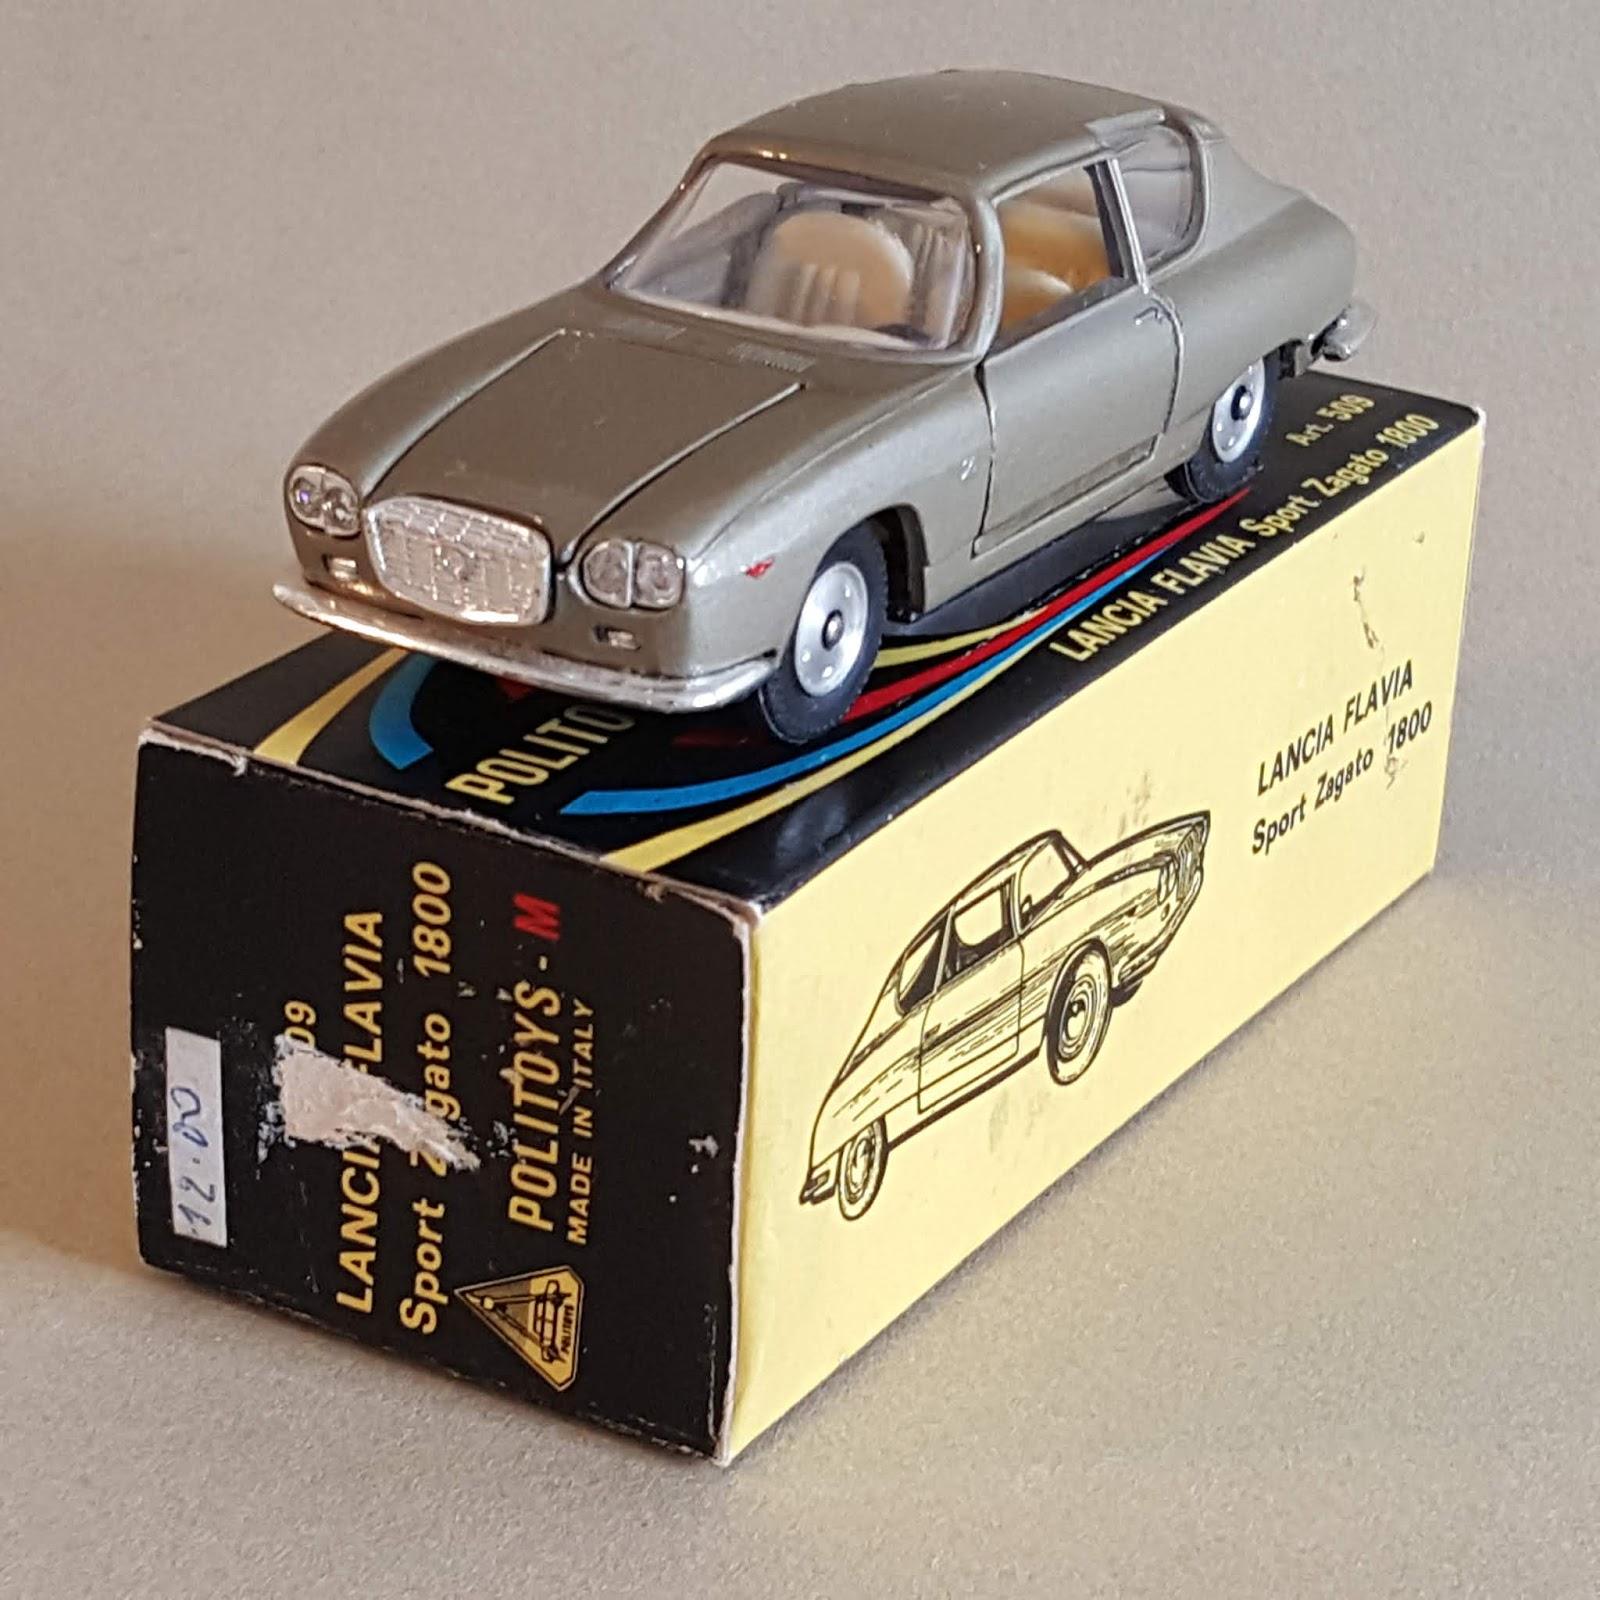 32 Reprobox Mercury Nr Lancia Flavia Coupé Pinin Farina